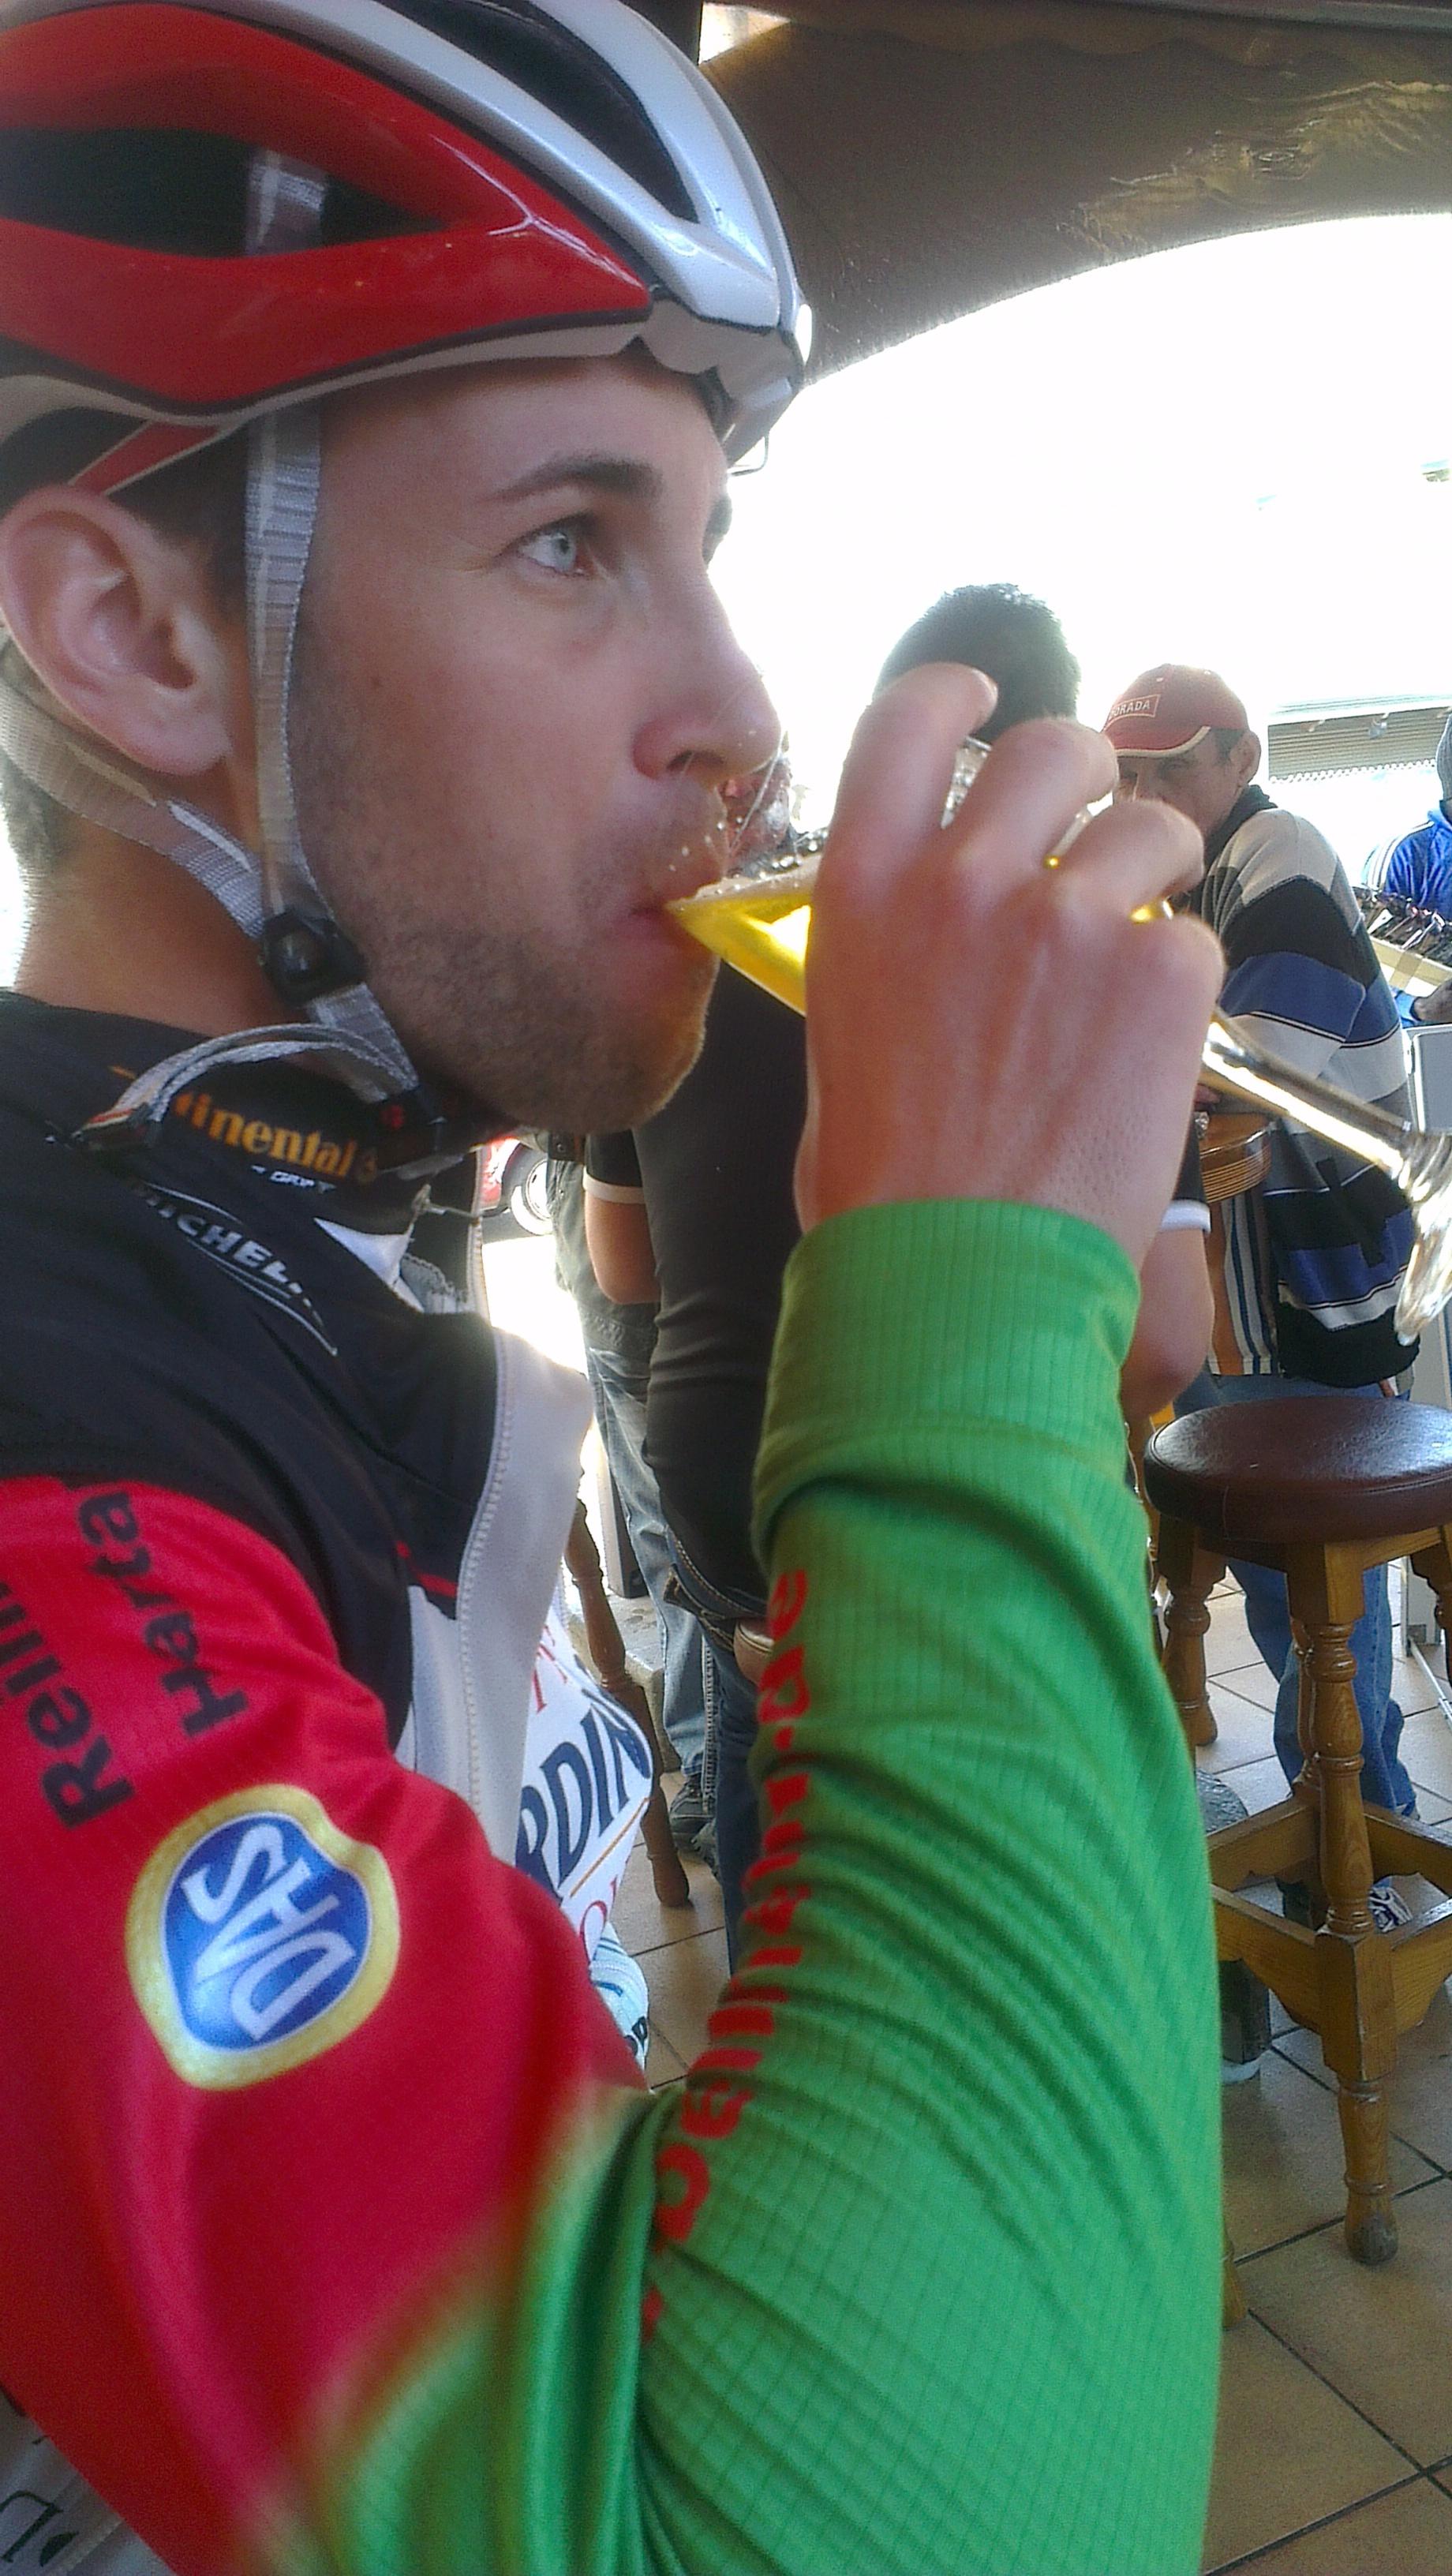 Tagebuch eines Rennradfahrers: Trainingslager auf Mallorca